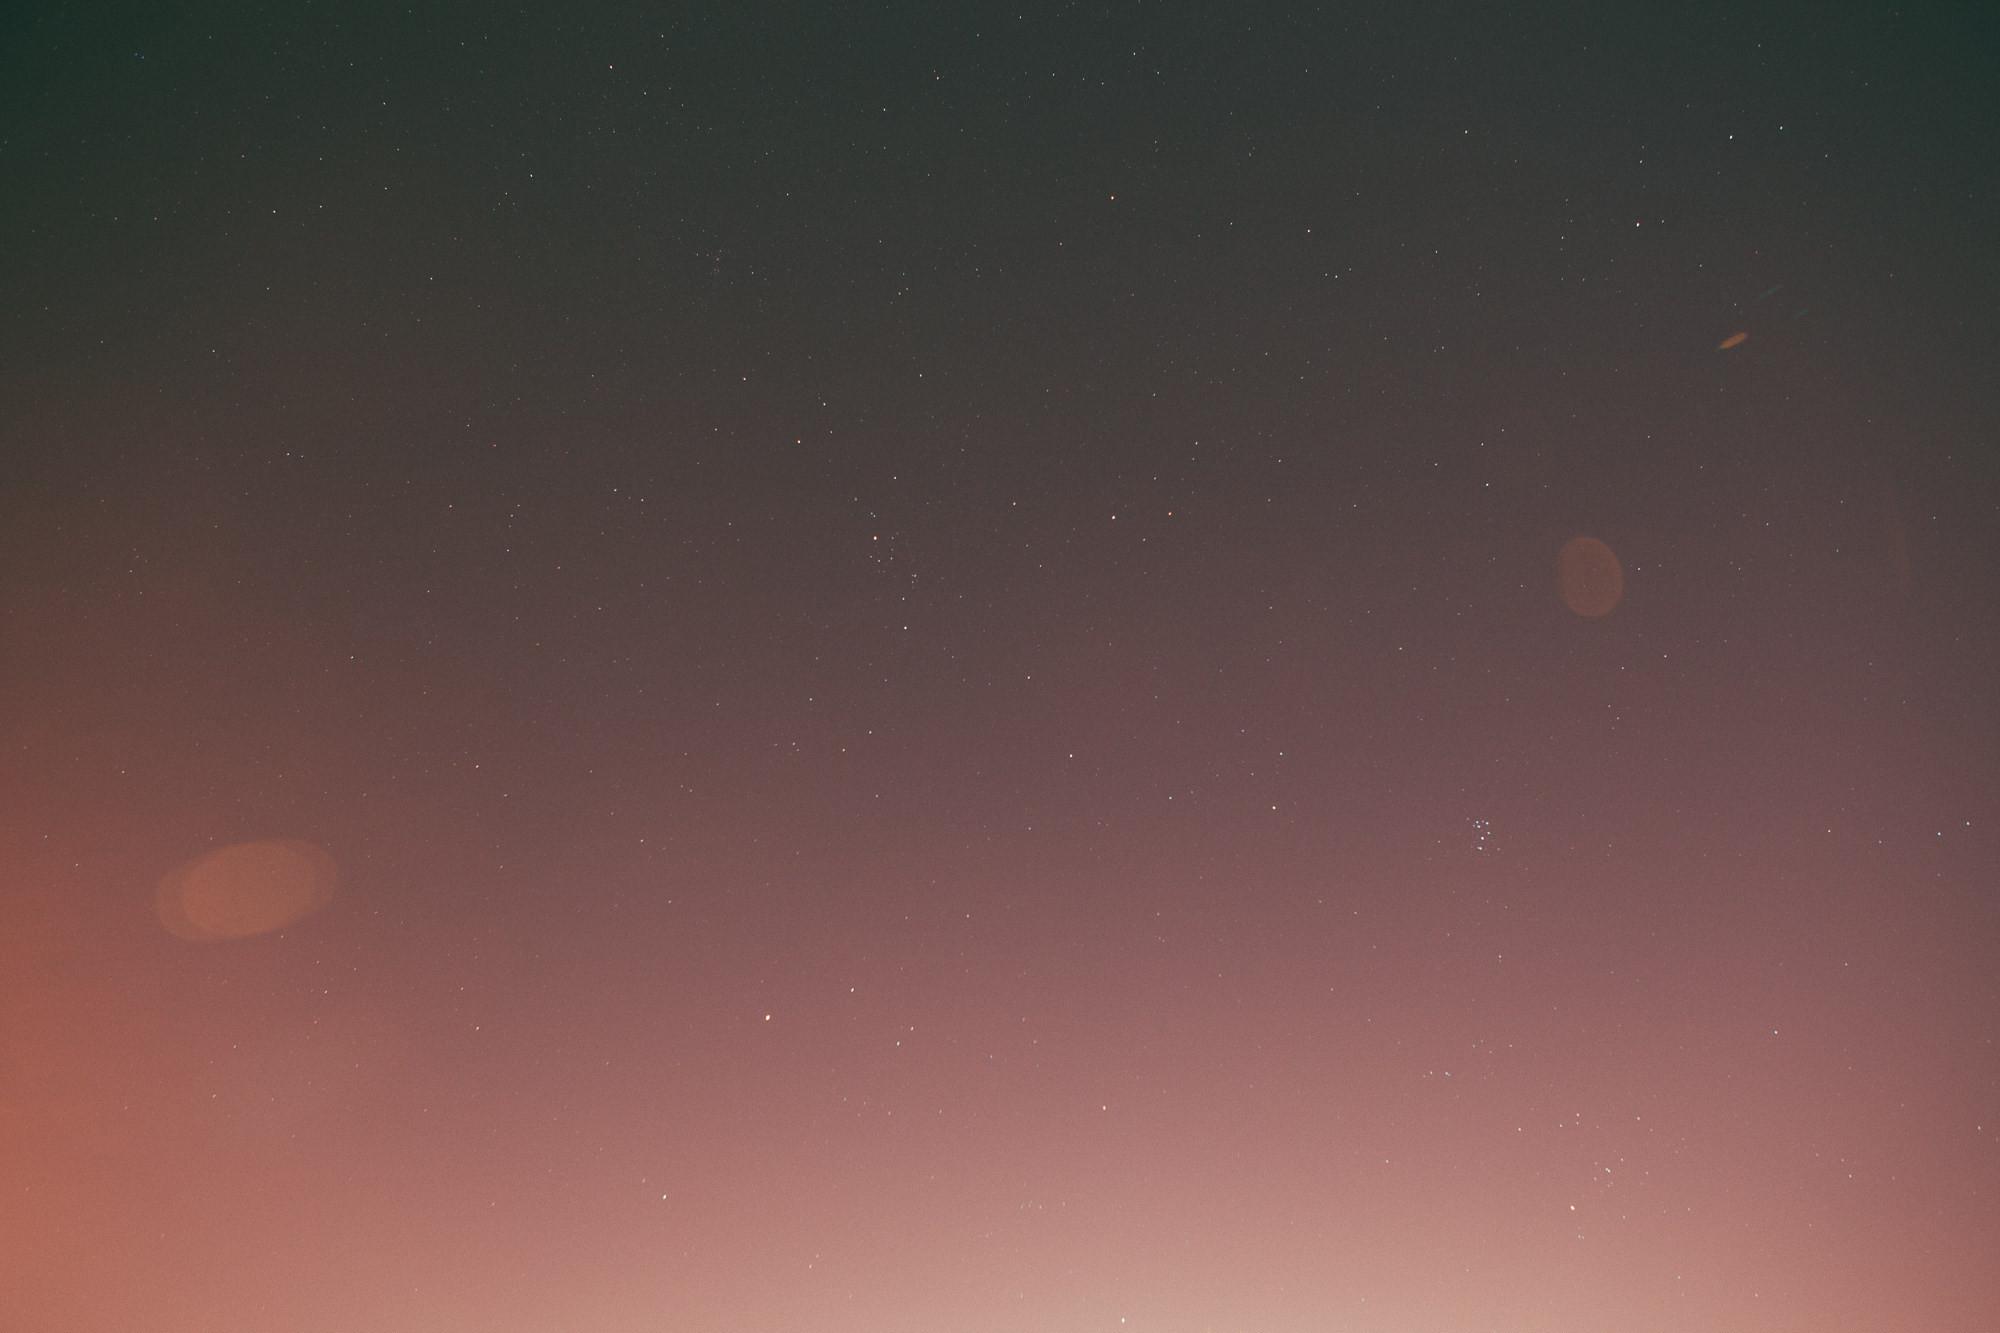 pexels-photo-197854.jpg